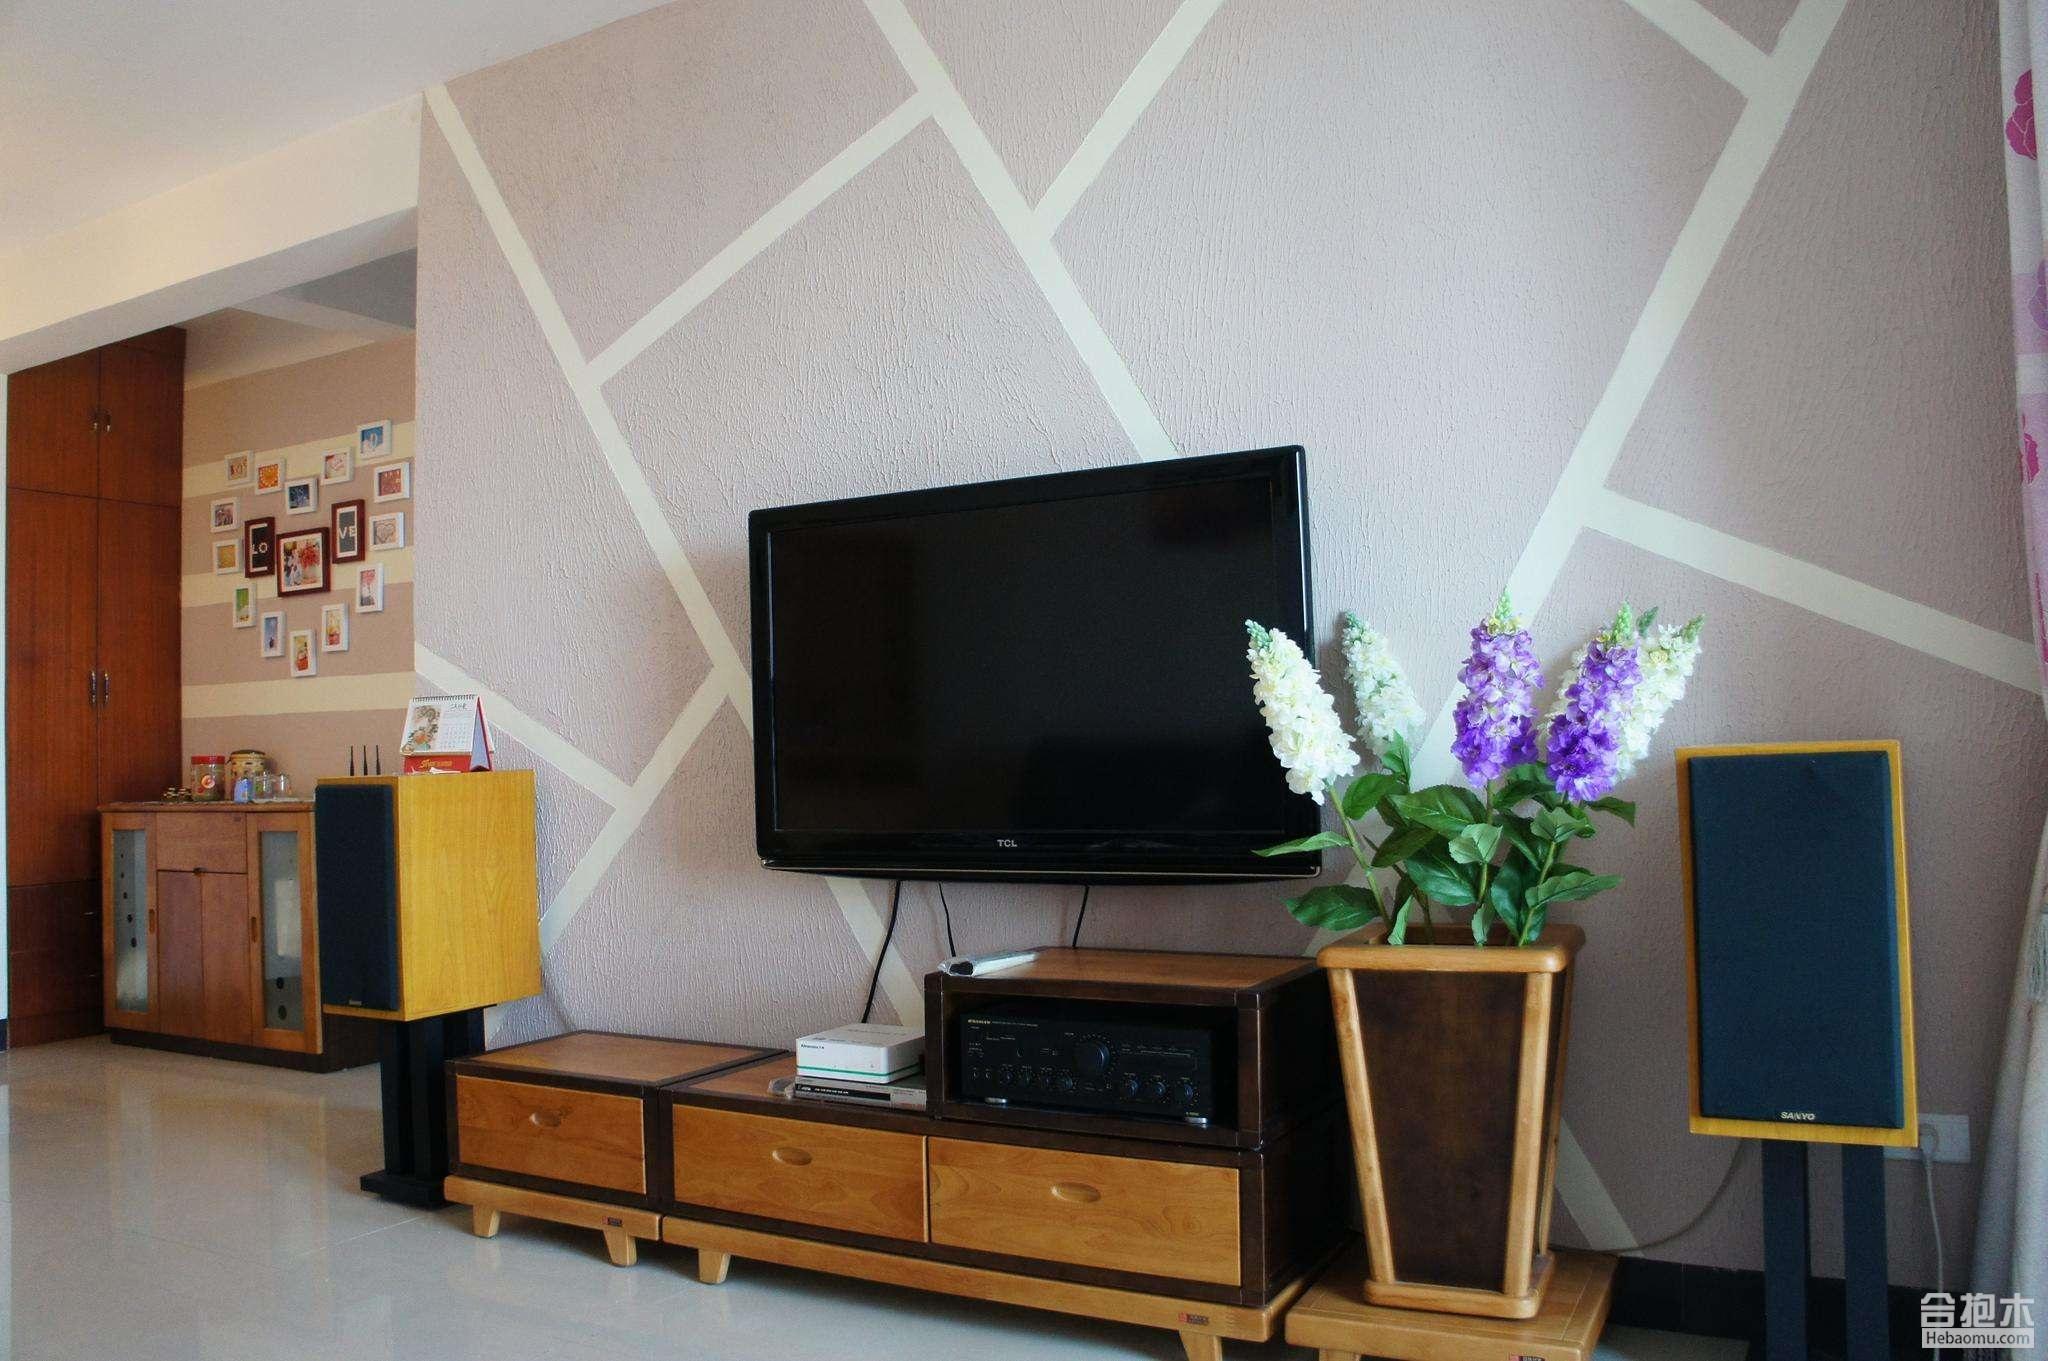 亿博国际网站公司,硅藻泥电视背景墙,硅藻泥,